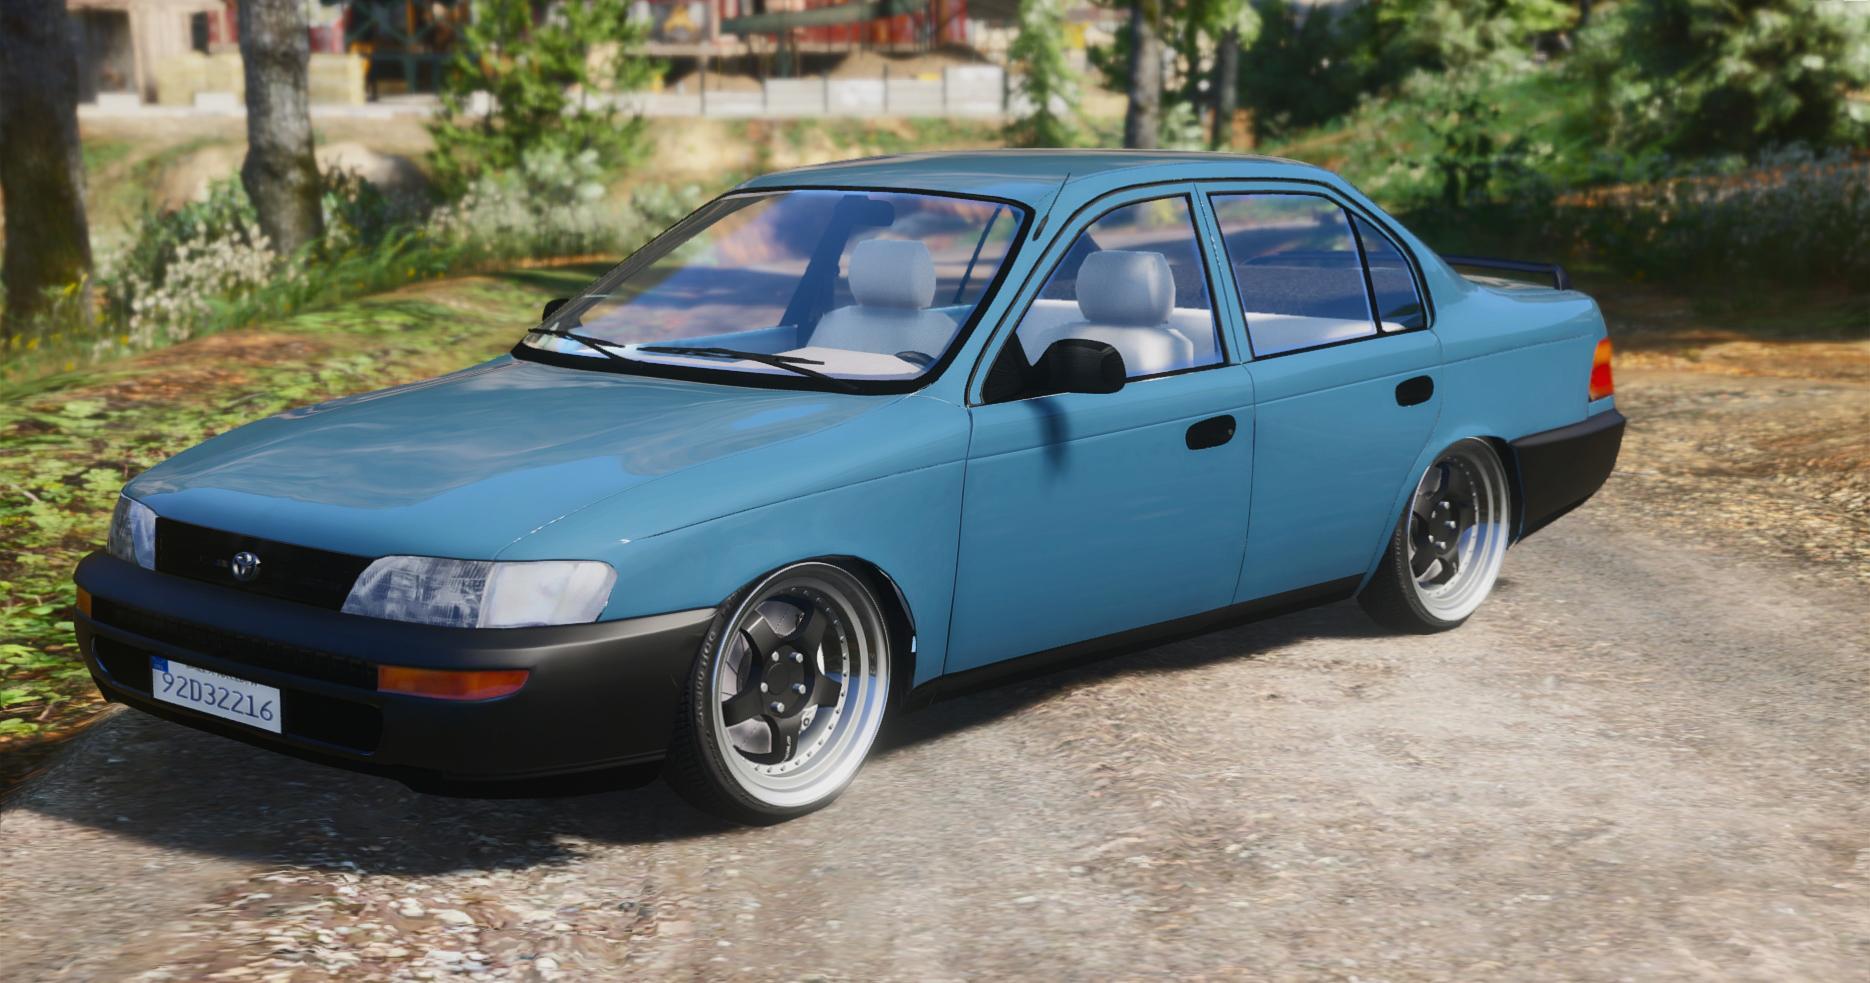 Toyota Corolla 1995 XLI Irish Based